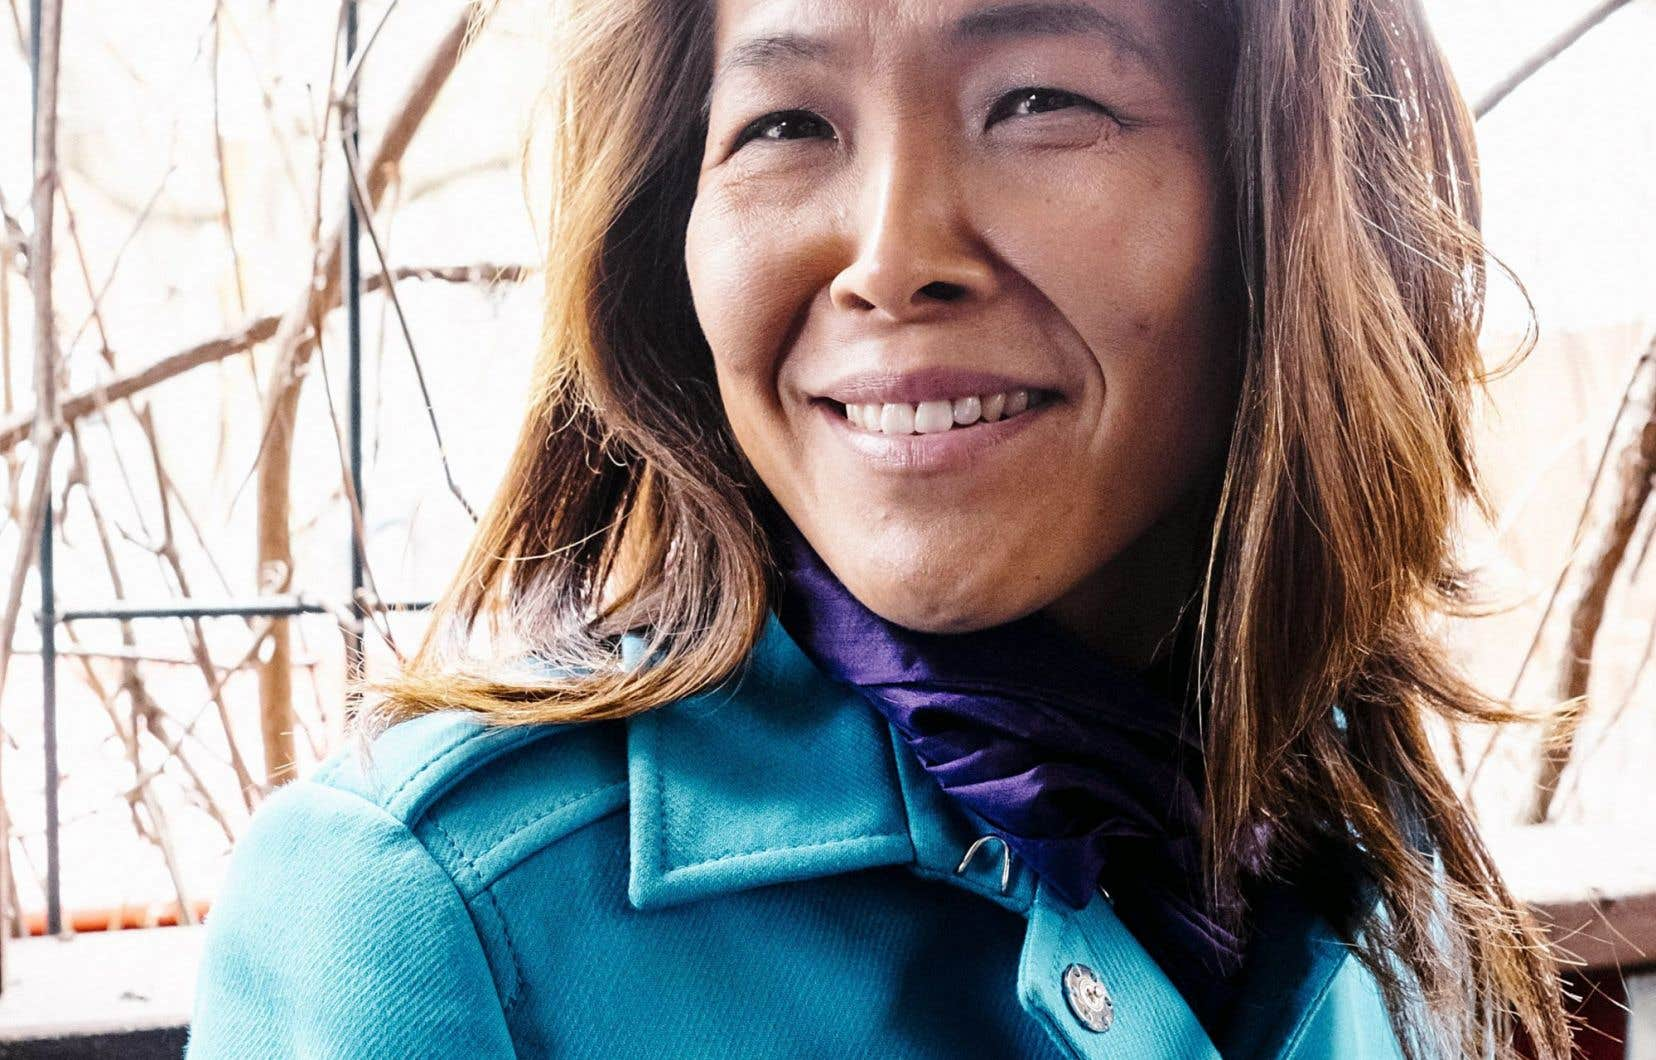 La bâtonnière du Barreau du Québec, Lu Chan Khuong, élue en mai dernier, est au centre d'une controverse depuis début juillet à cause d'un prétendu vol à l'étalage.